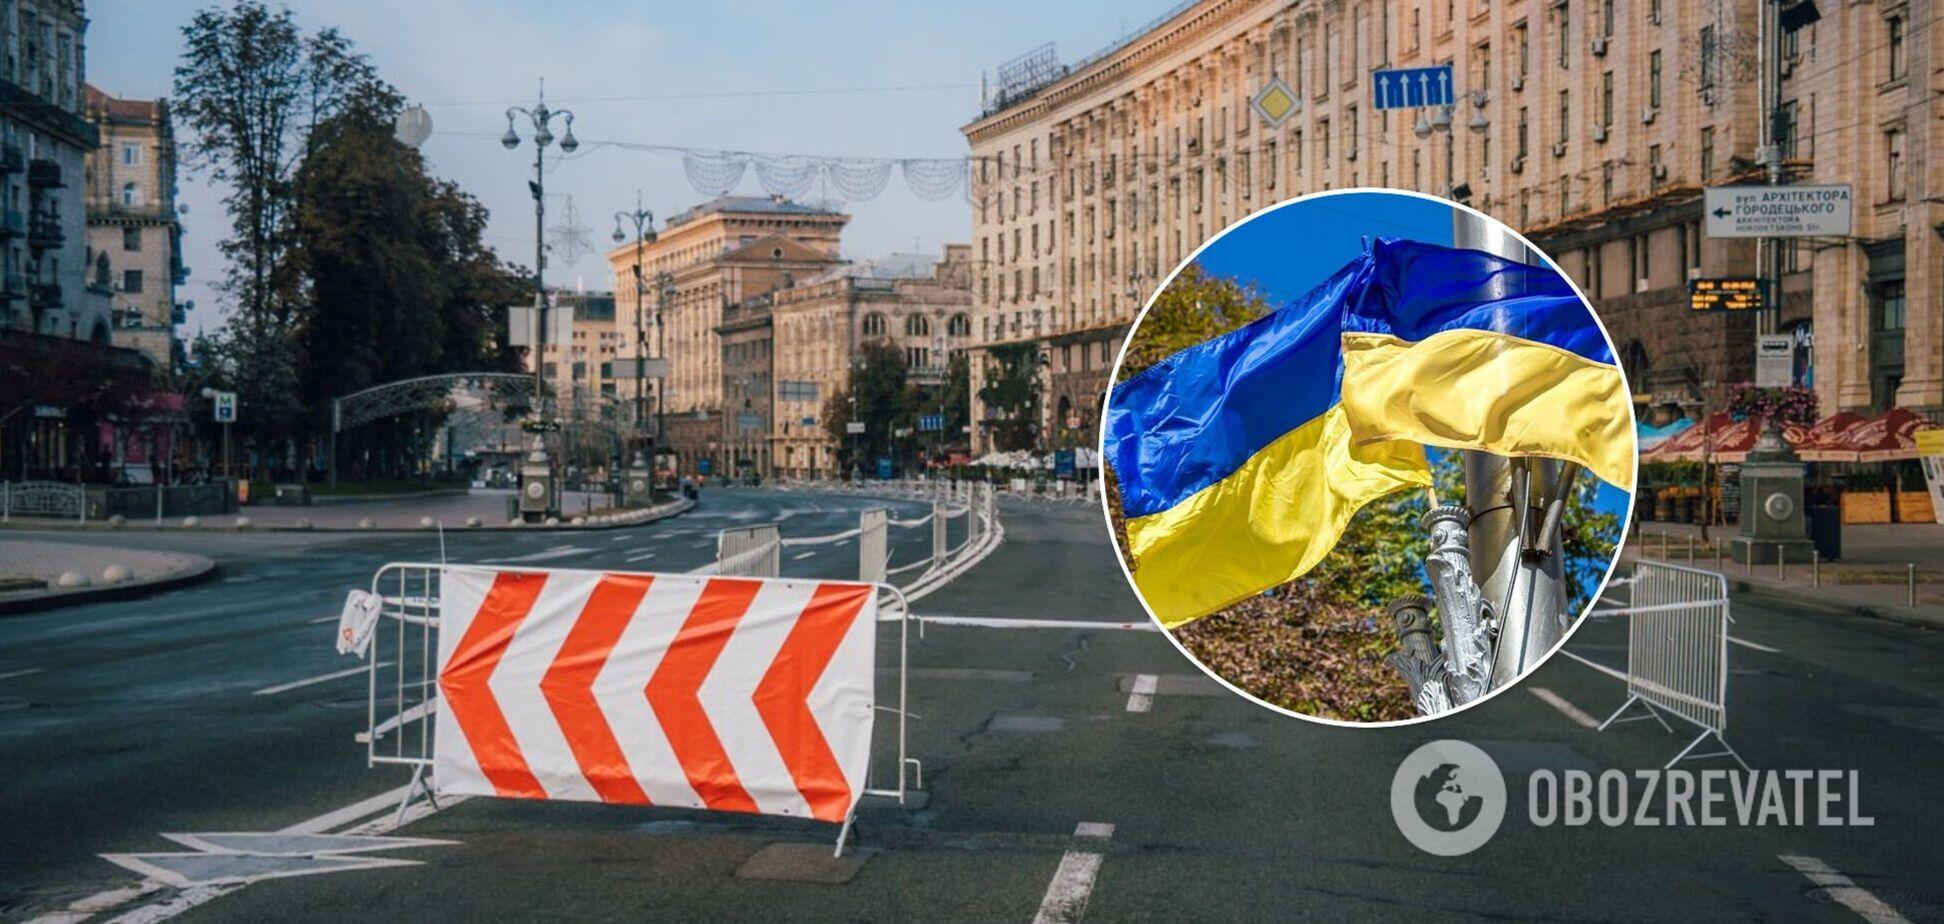 У День Незалежності в Києві обмежили рух транспорту: список вулиць та карта